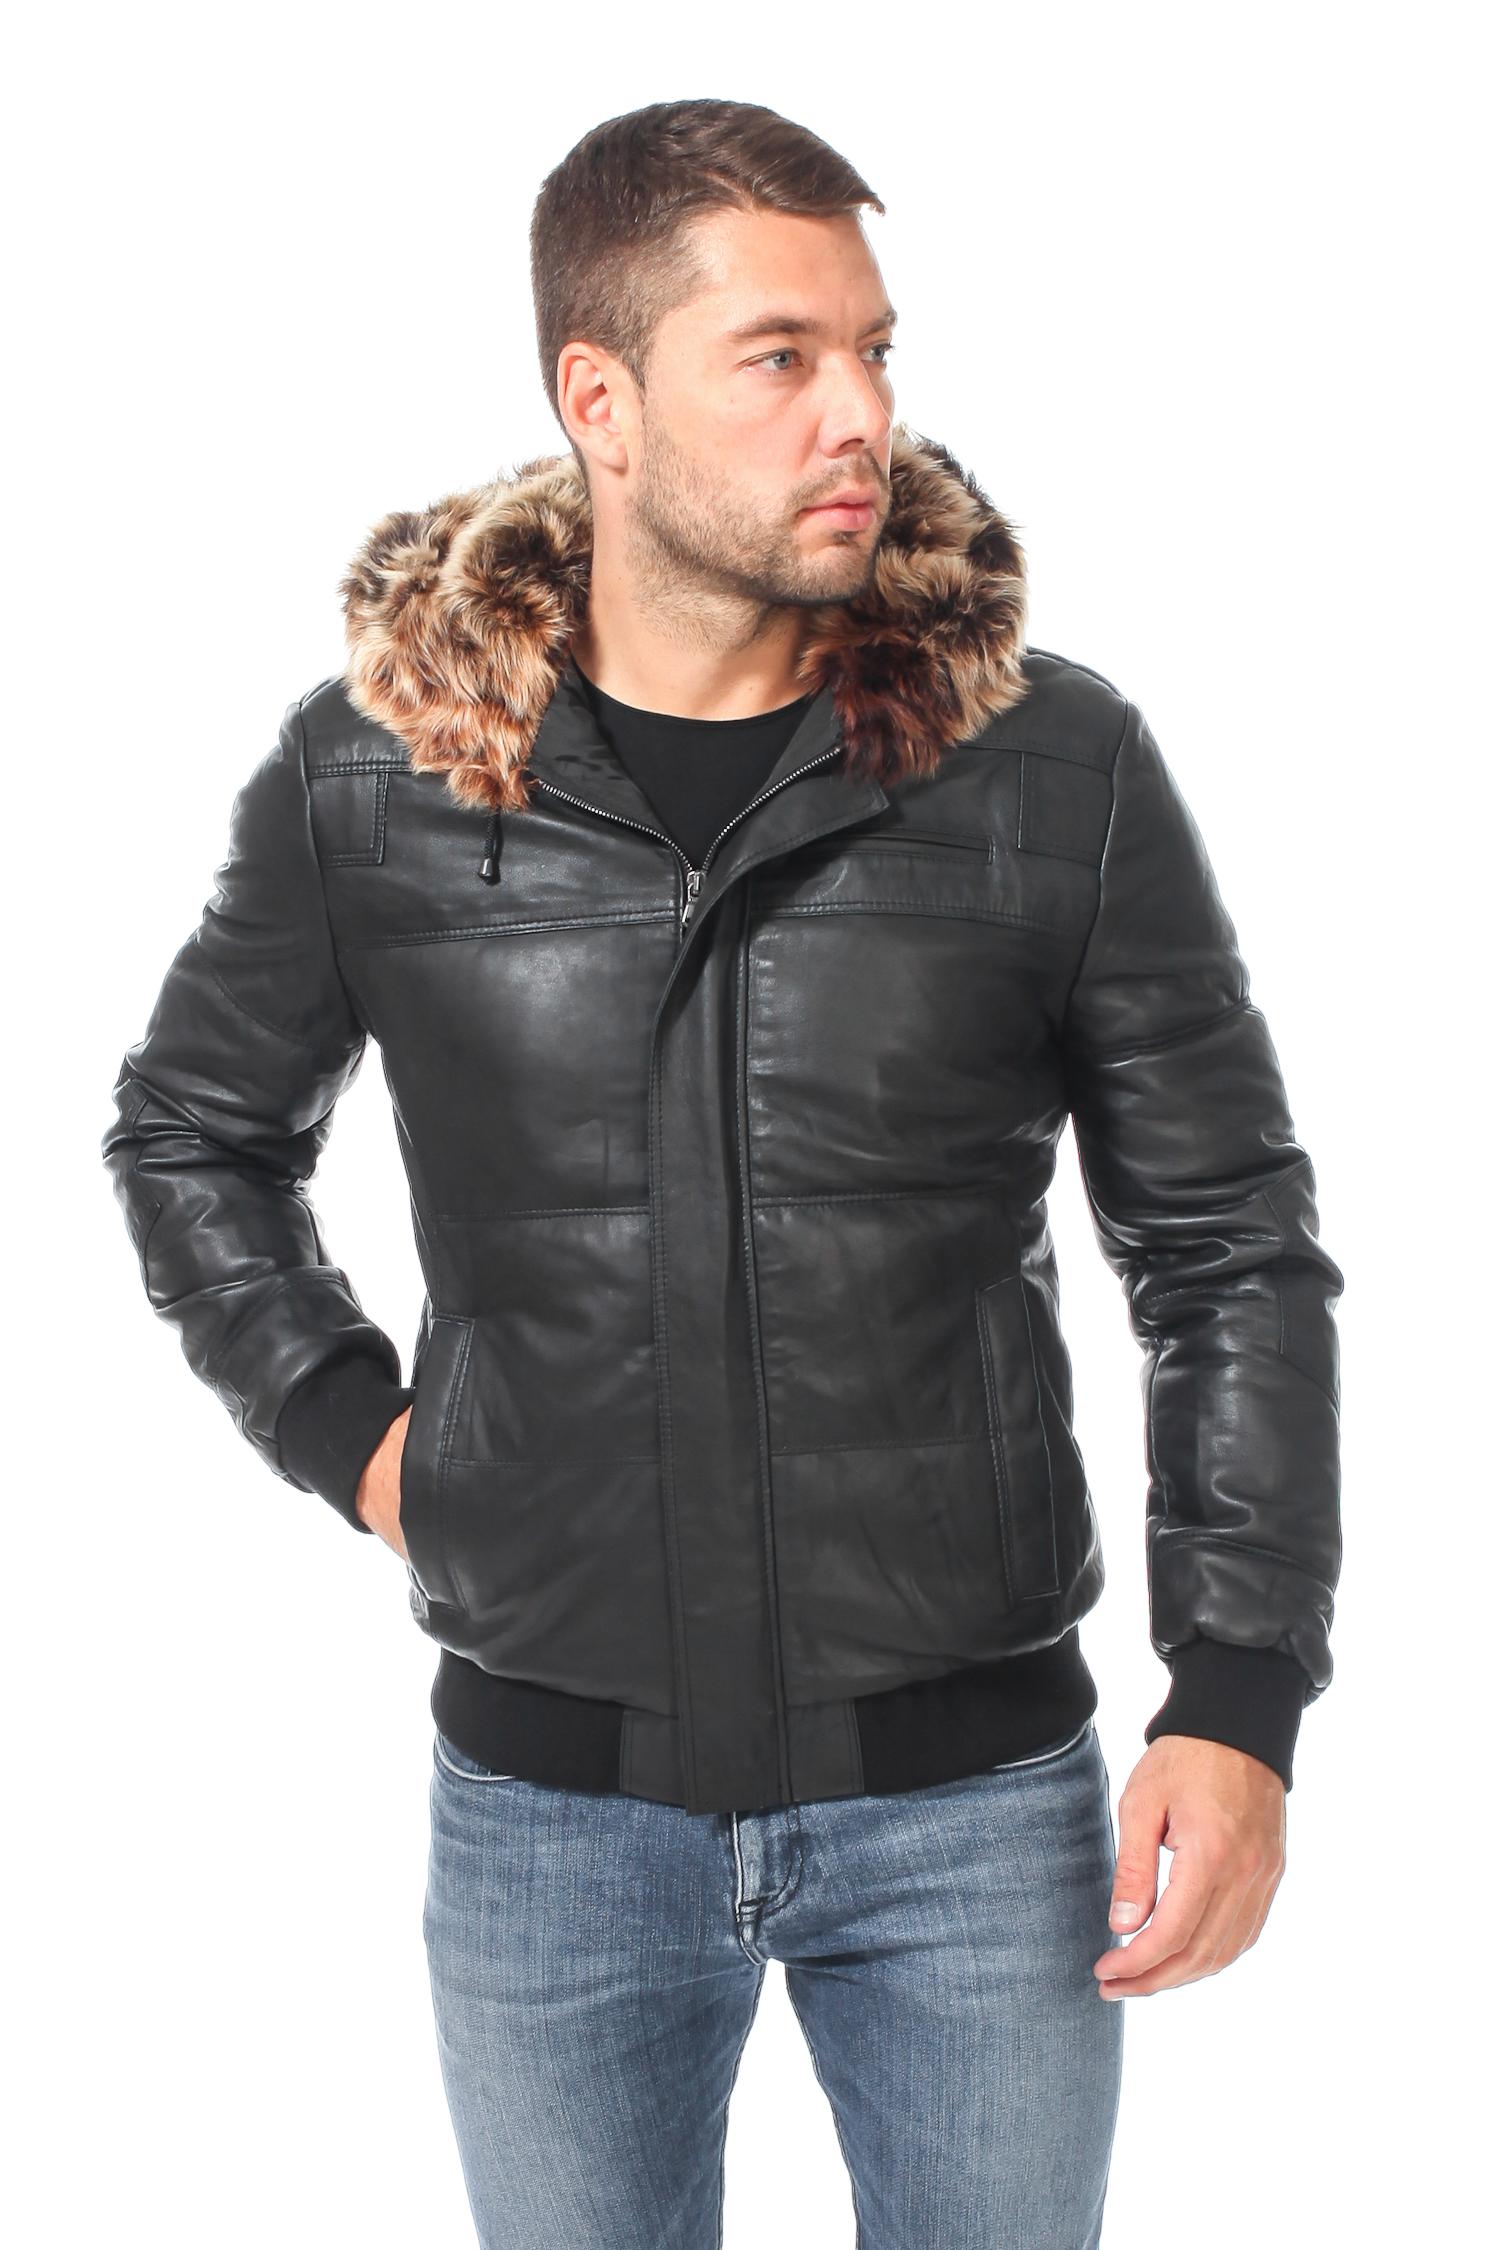 Мужская кожаная куртка из натуральной кожи с капюшоном, отделка тоскана<br><br>Воротник: капюшон<br>Длина см: Короткая (51-74 )<br>Материал: Кожа овчина<br>Цвет: черный<br>Вид застежки: потайная<br>Застежка: на молнии<br>Пол: Мужской<br>Размер RU: 48